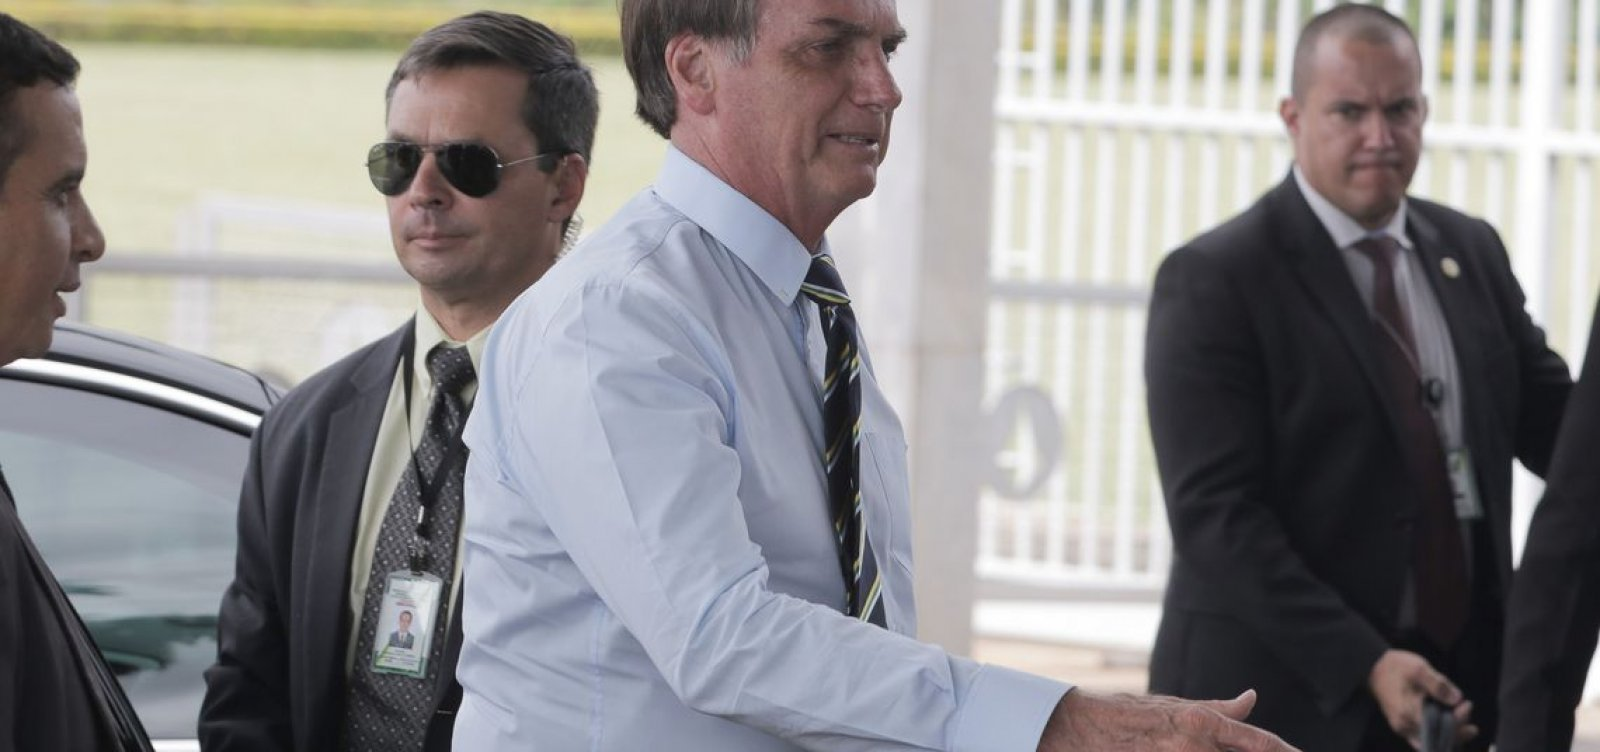 ['É protegido até hoje', diz Bolsonaro sobre autor de atentado que sofreu em 2018]